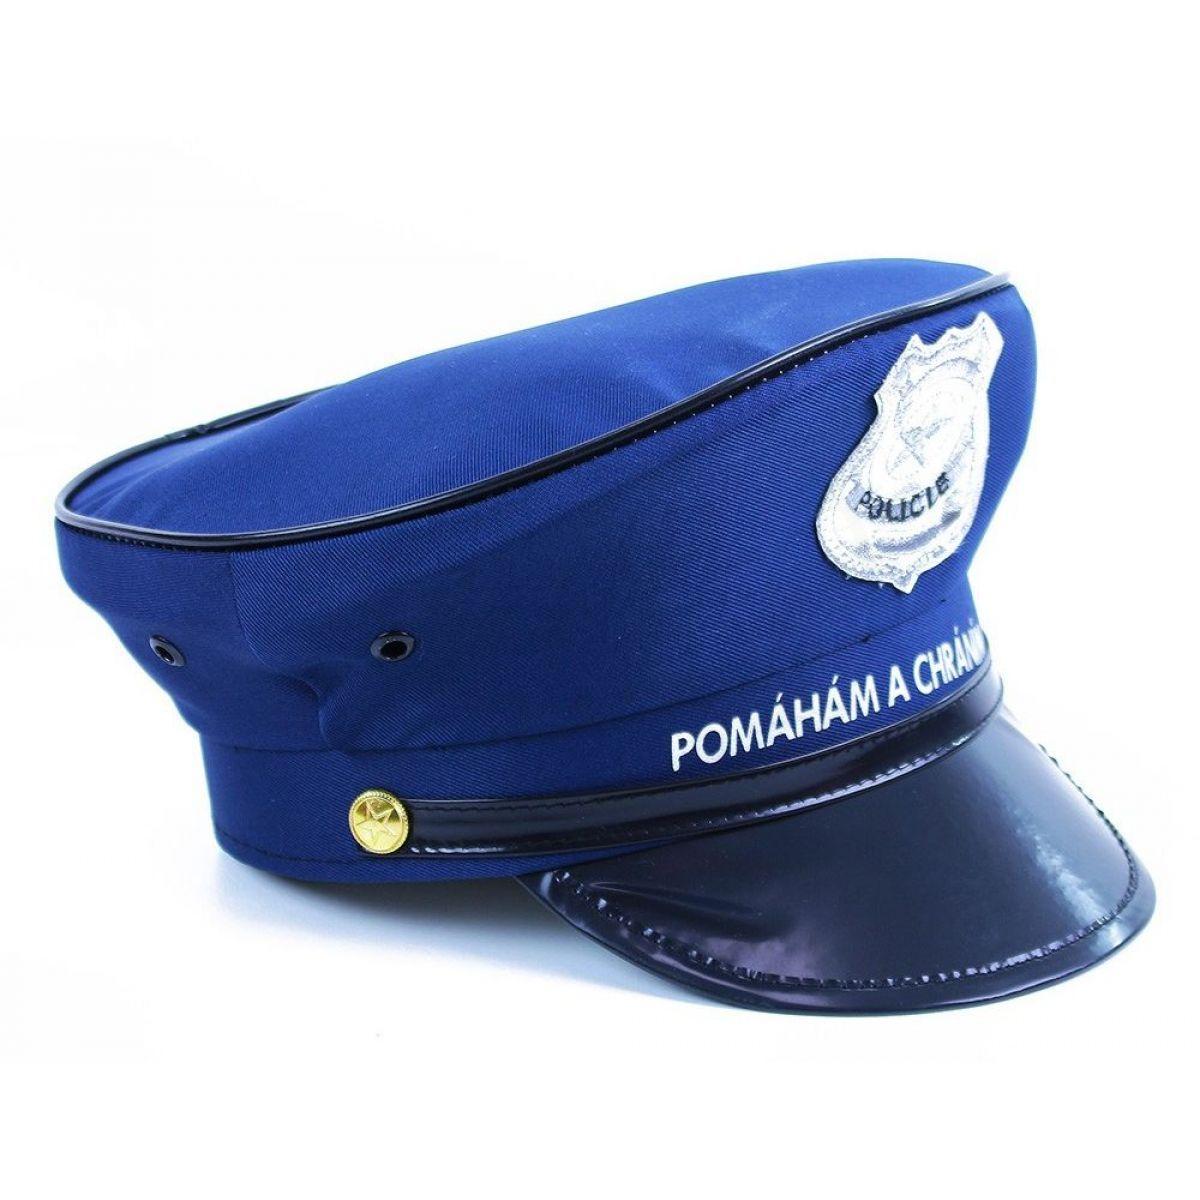 dbb09246ff7 Rappa Dětská policejní čepice 2 Rappa Dětská policejní čepice 3